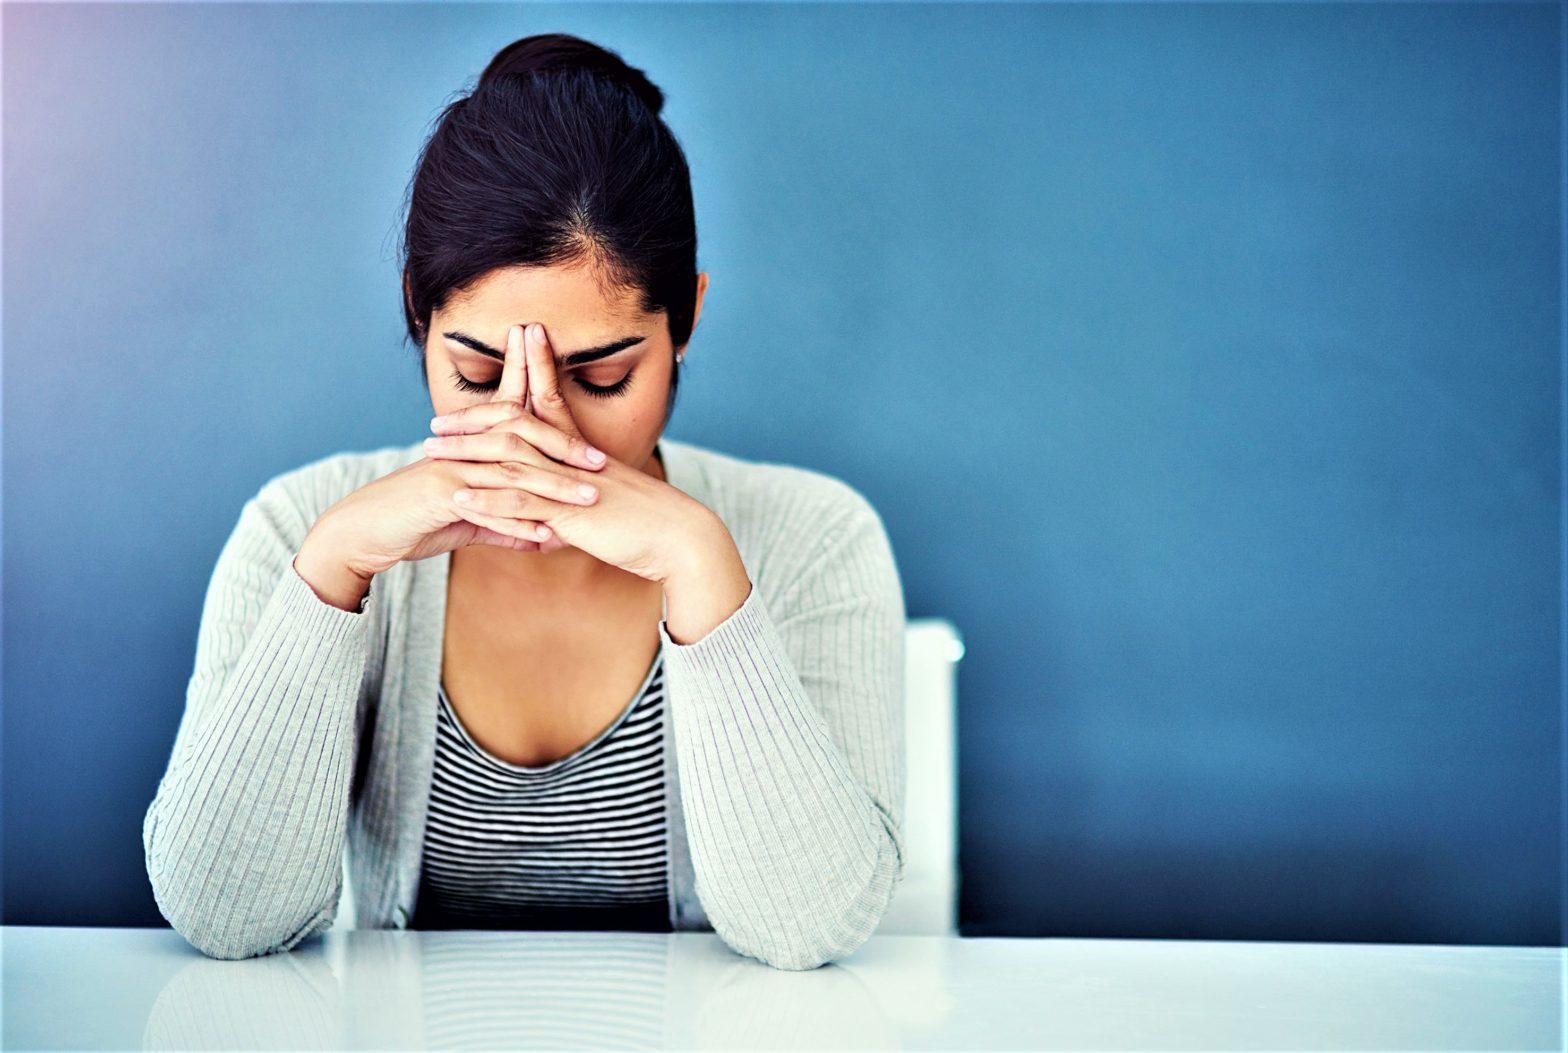 Тревожно-паническое расстройство (3)